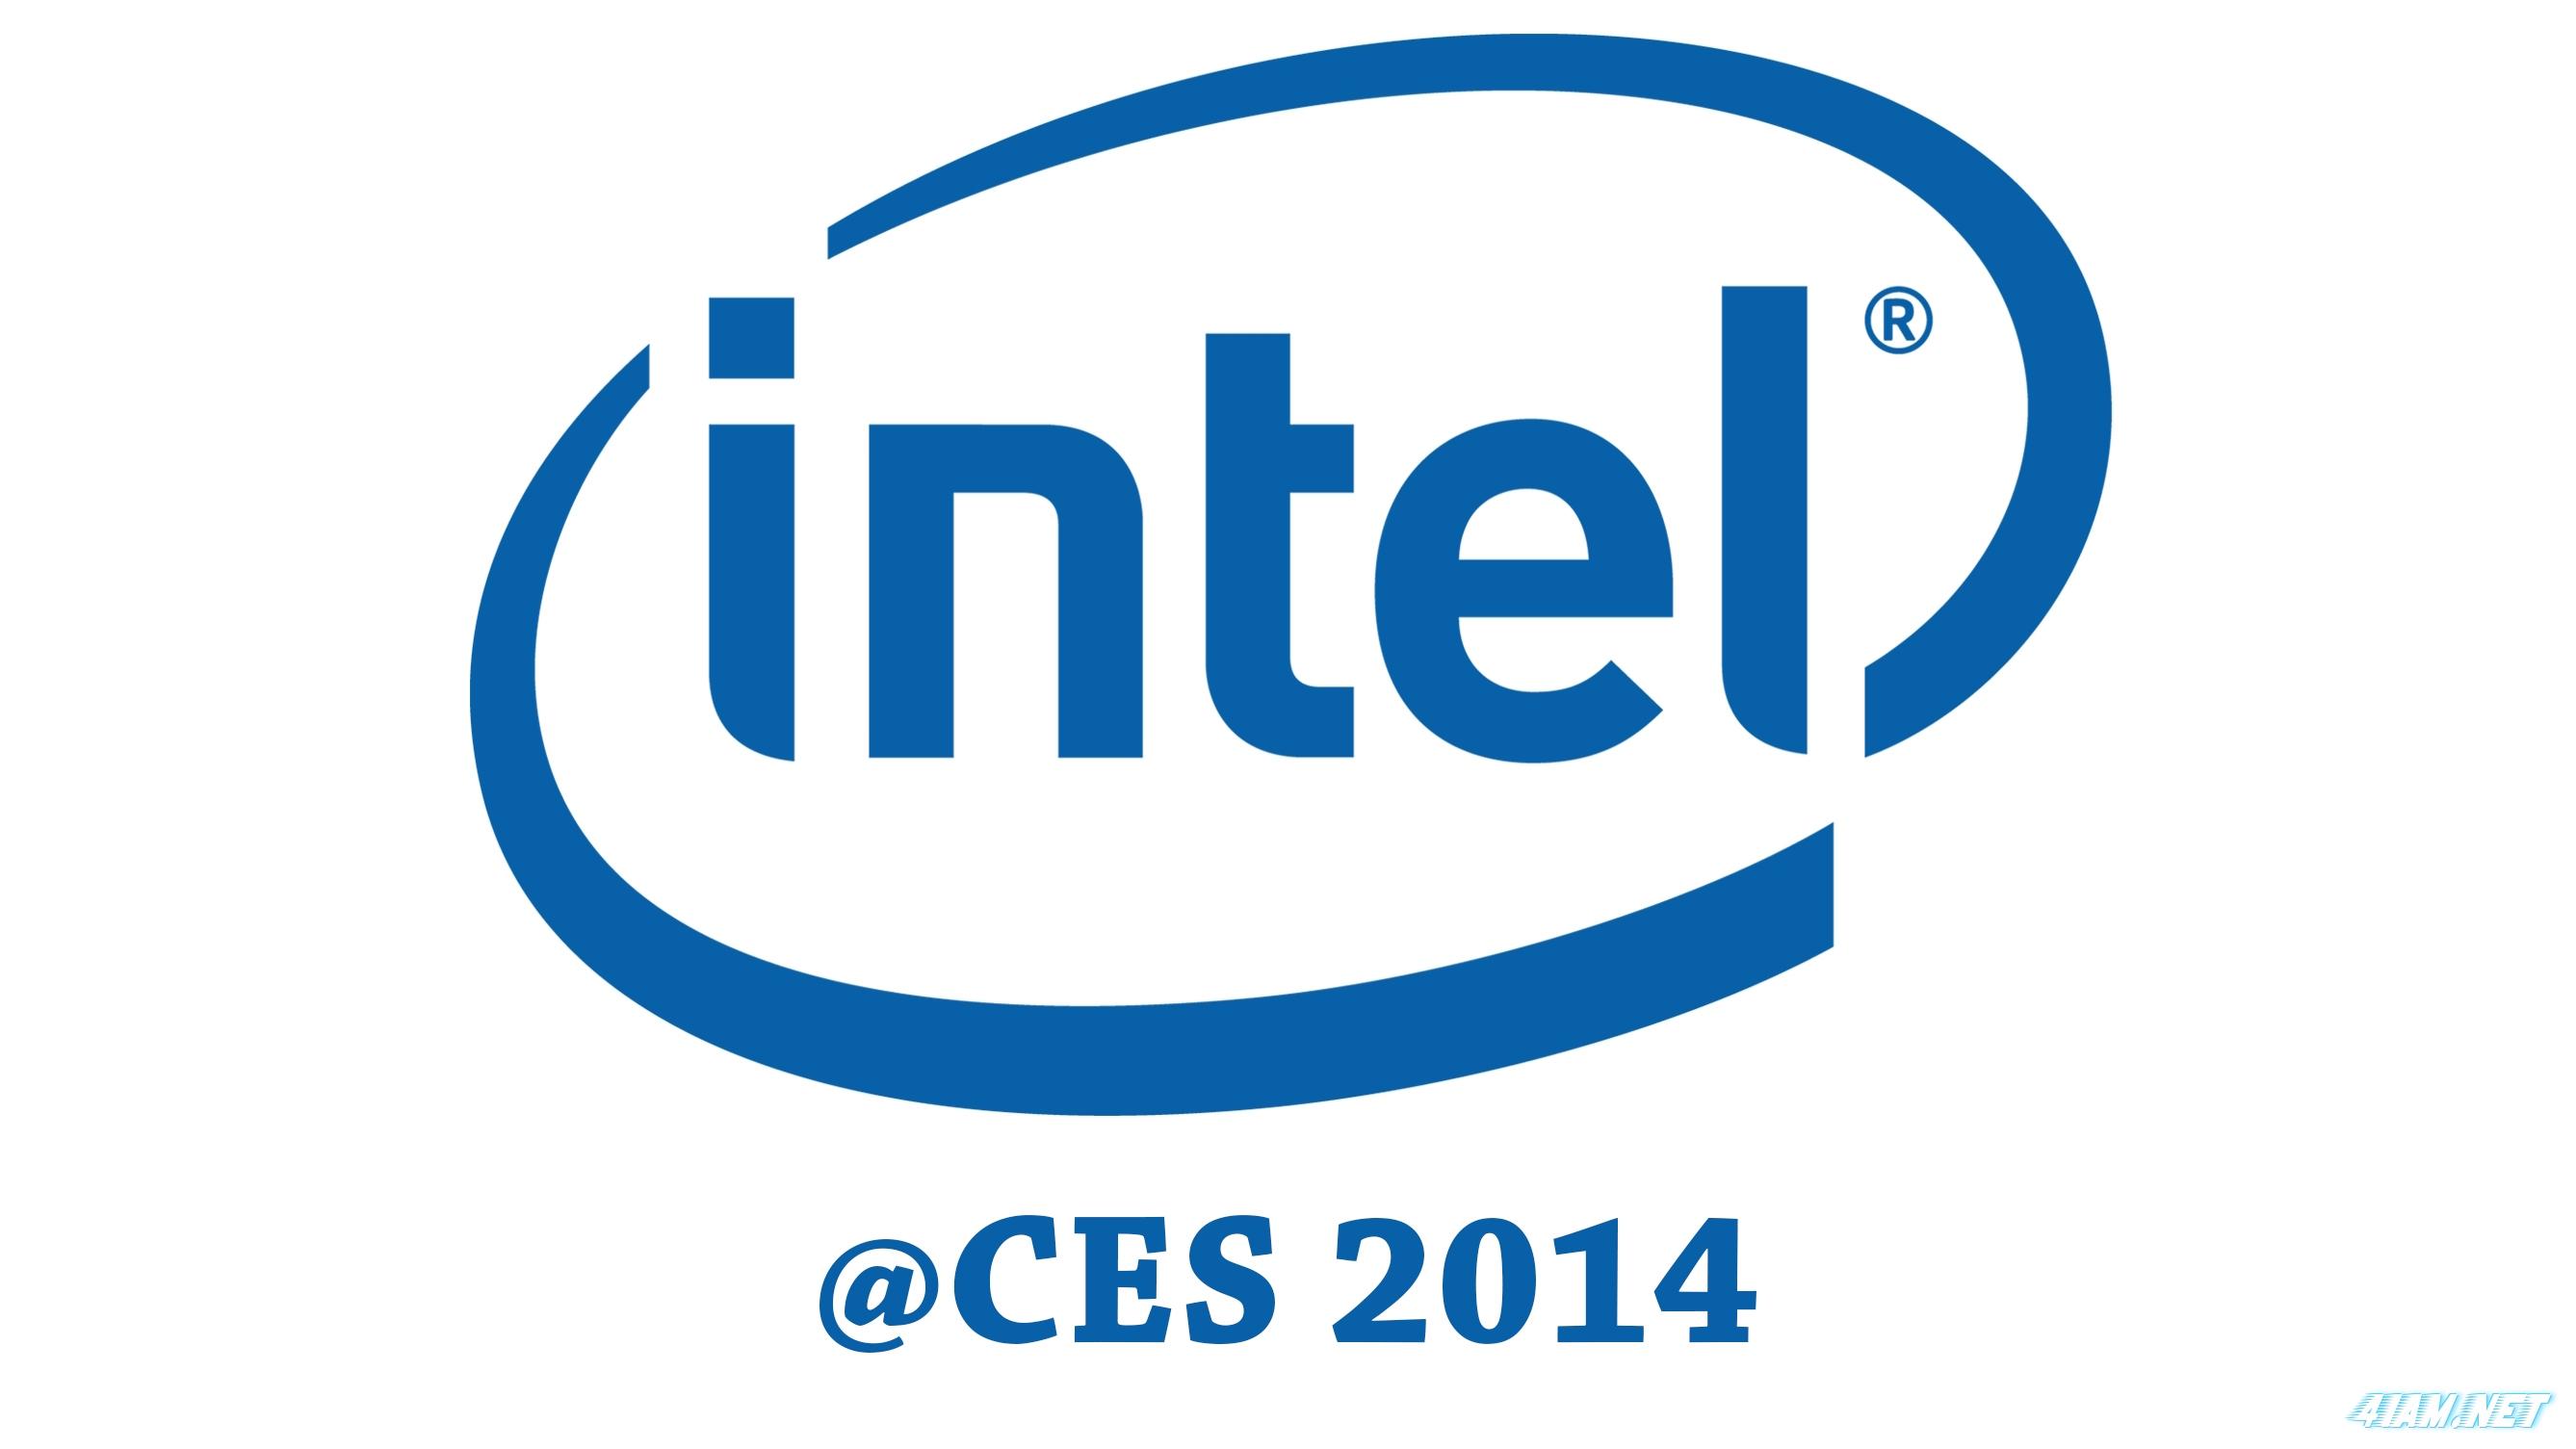 Микрокомпьютеры, подключаемые и носимые устройства от Intel